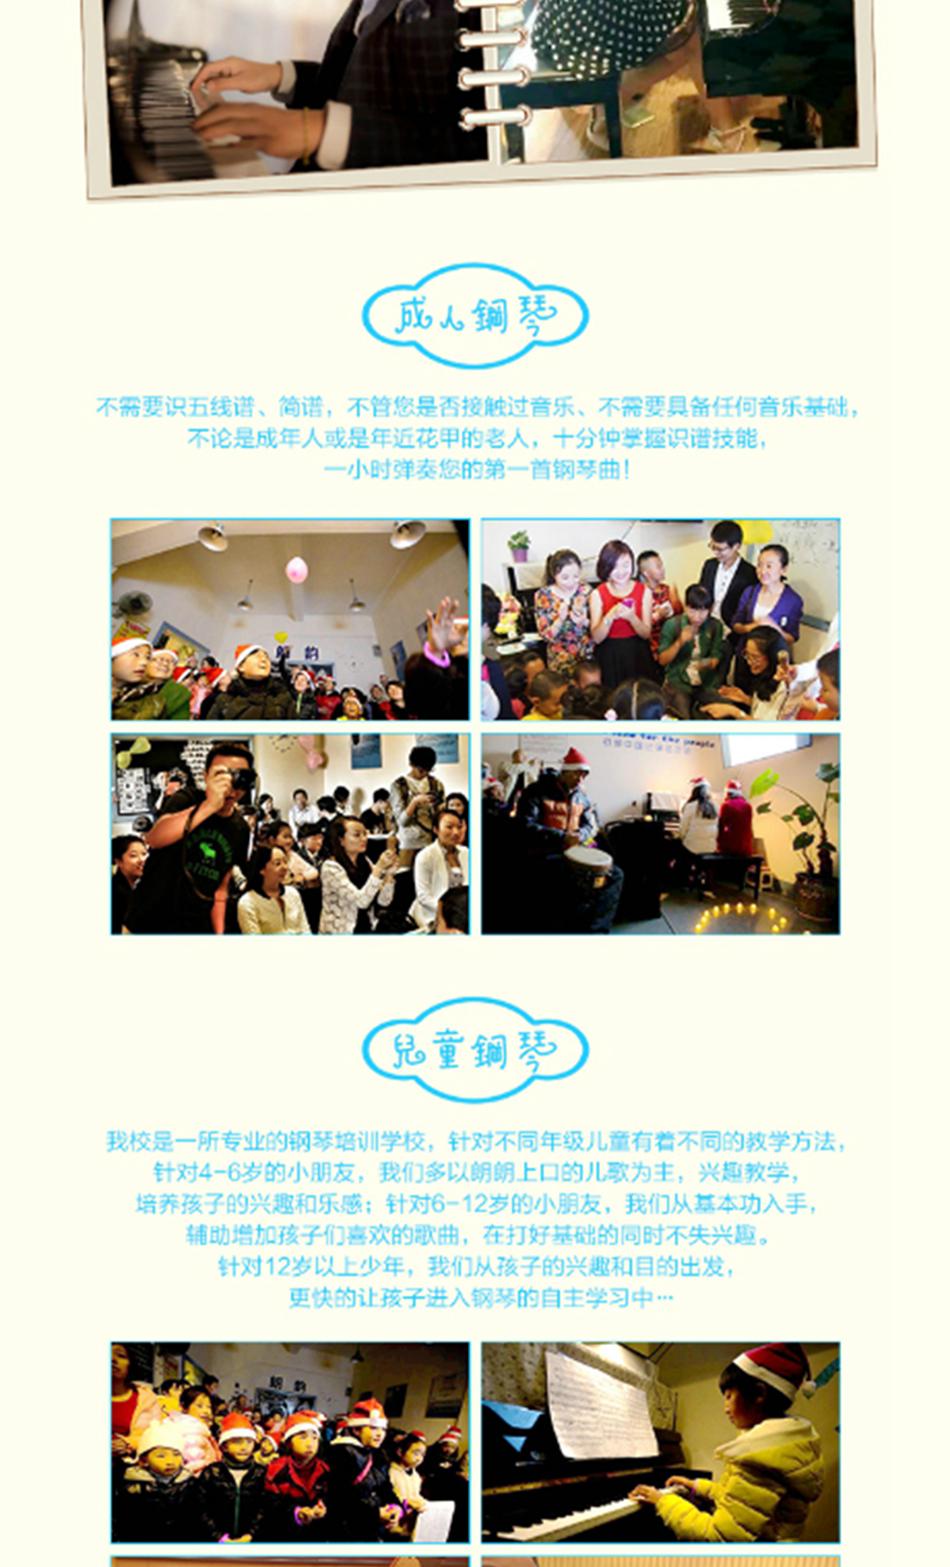 朗韵钢琴艺术中心-原始_副本_02.png